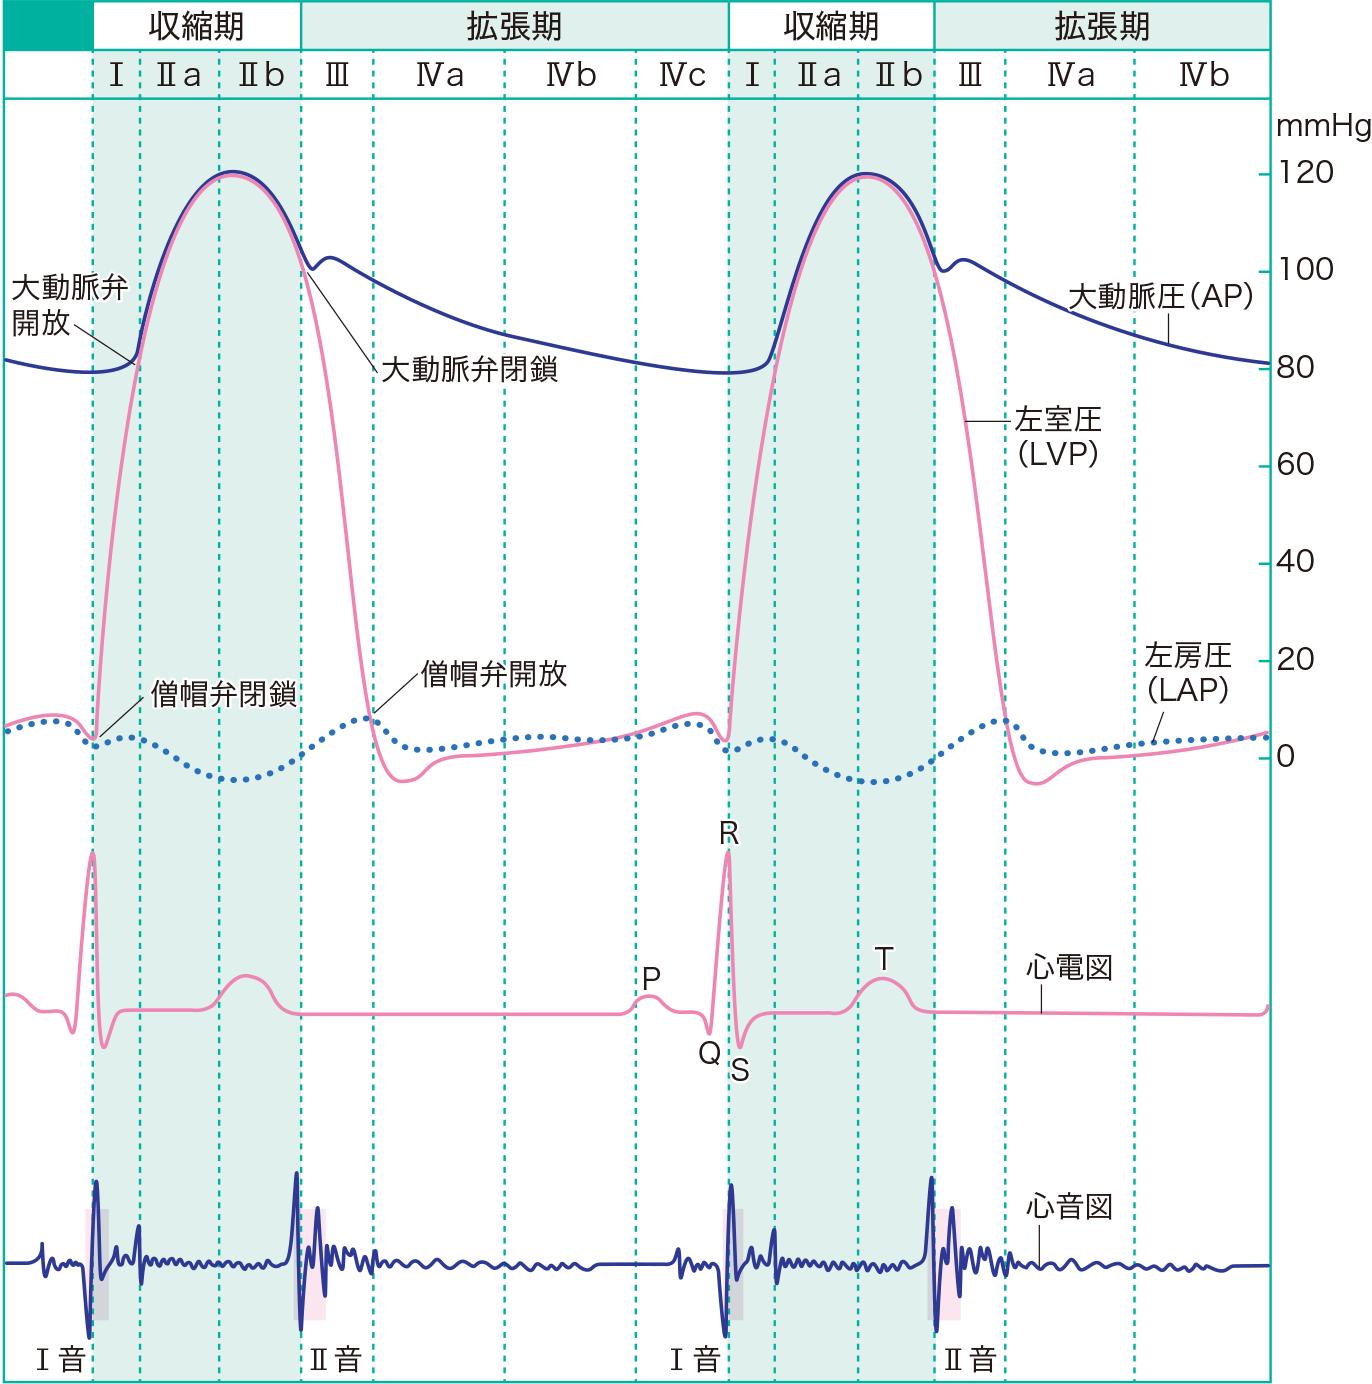 心周期と左心系内圧の変化